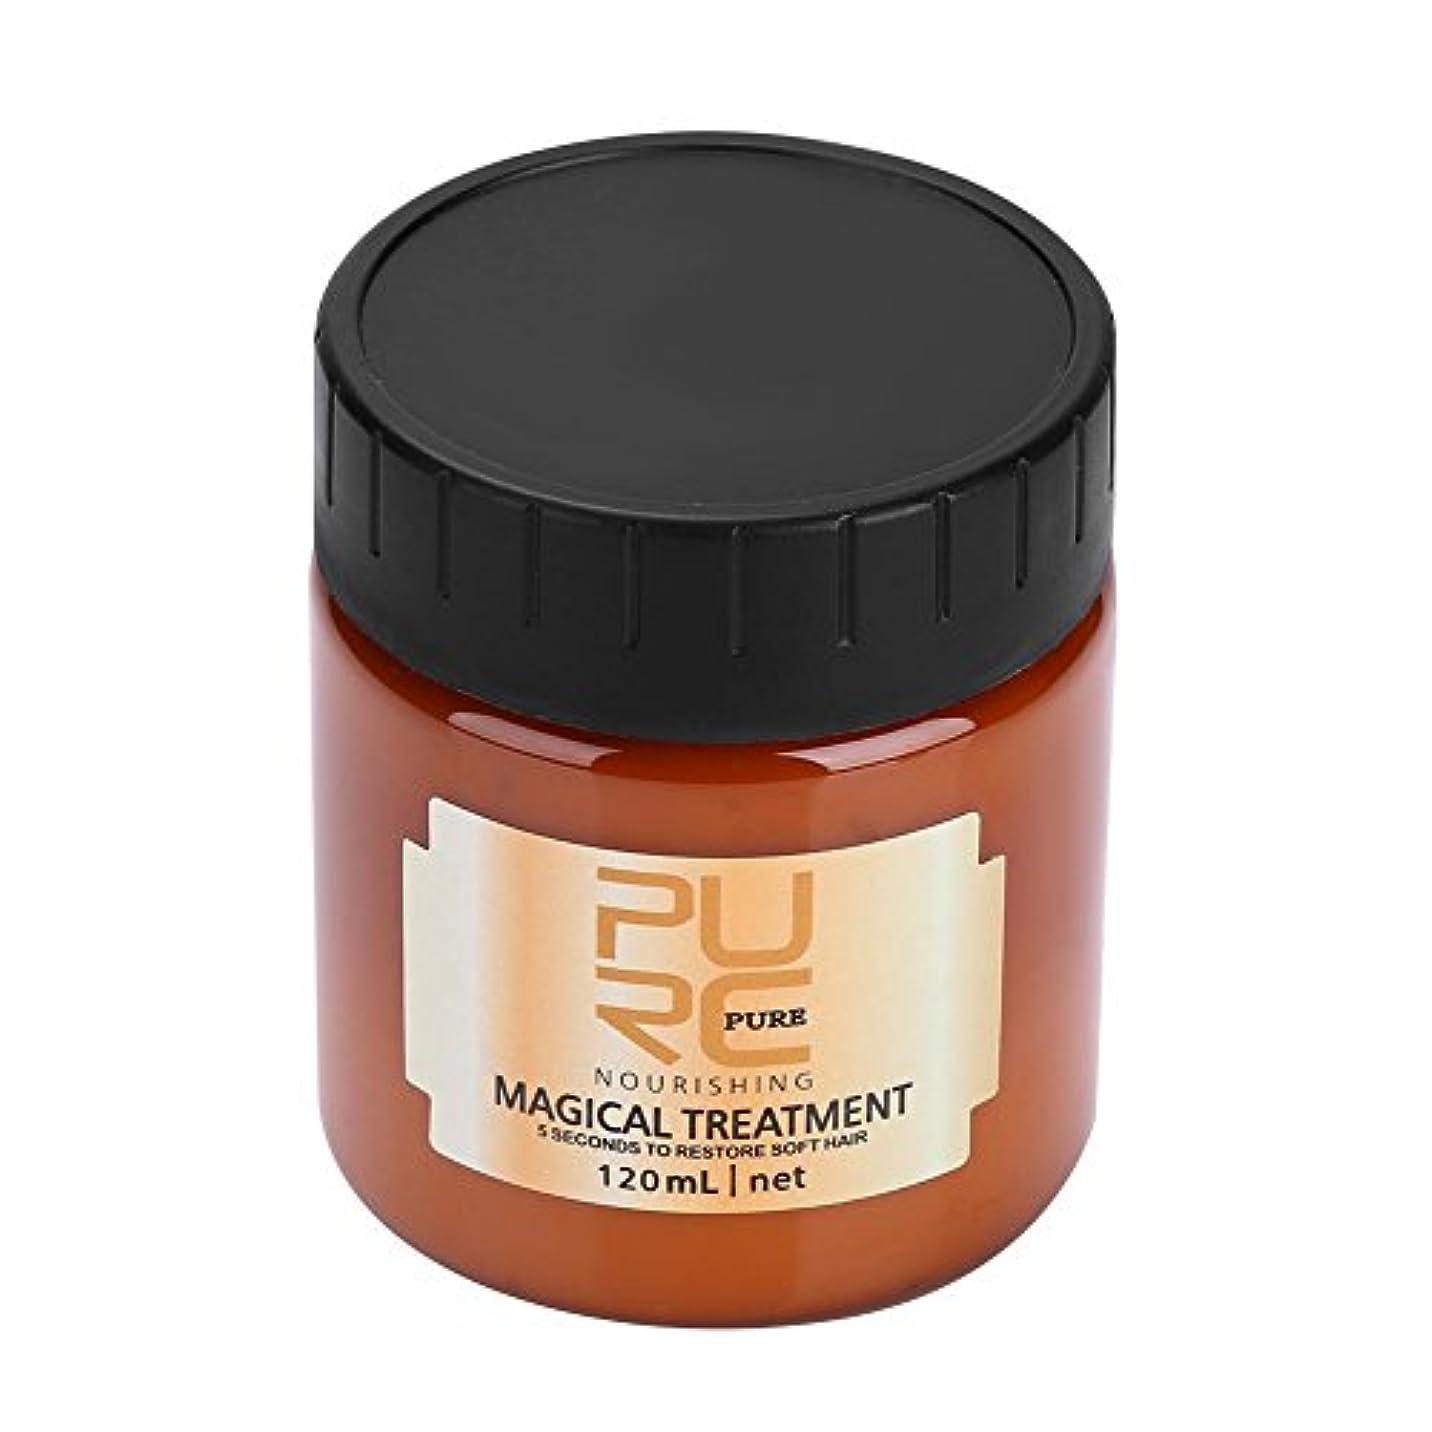 ブース最小知覚するヘアリペアマスク、120ml魔法のヘアマスク栄養治療ソフトスムーズリペアダメージプロフェッショナル